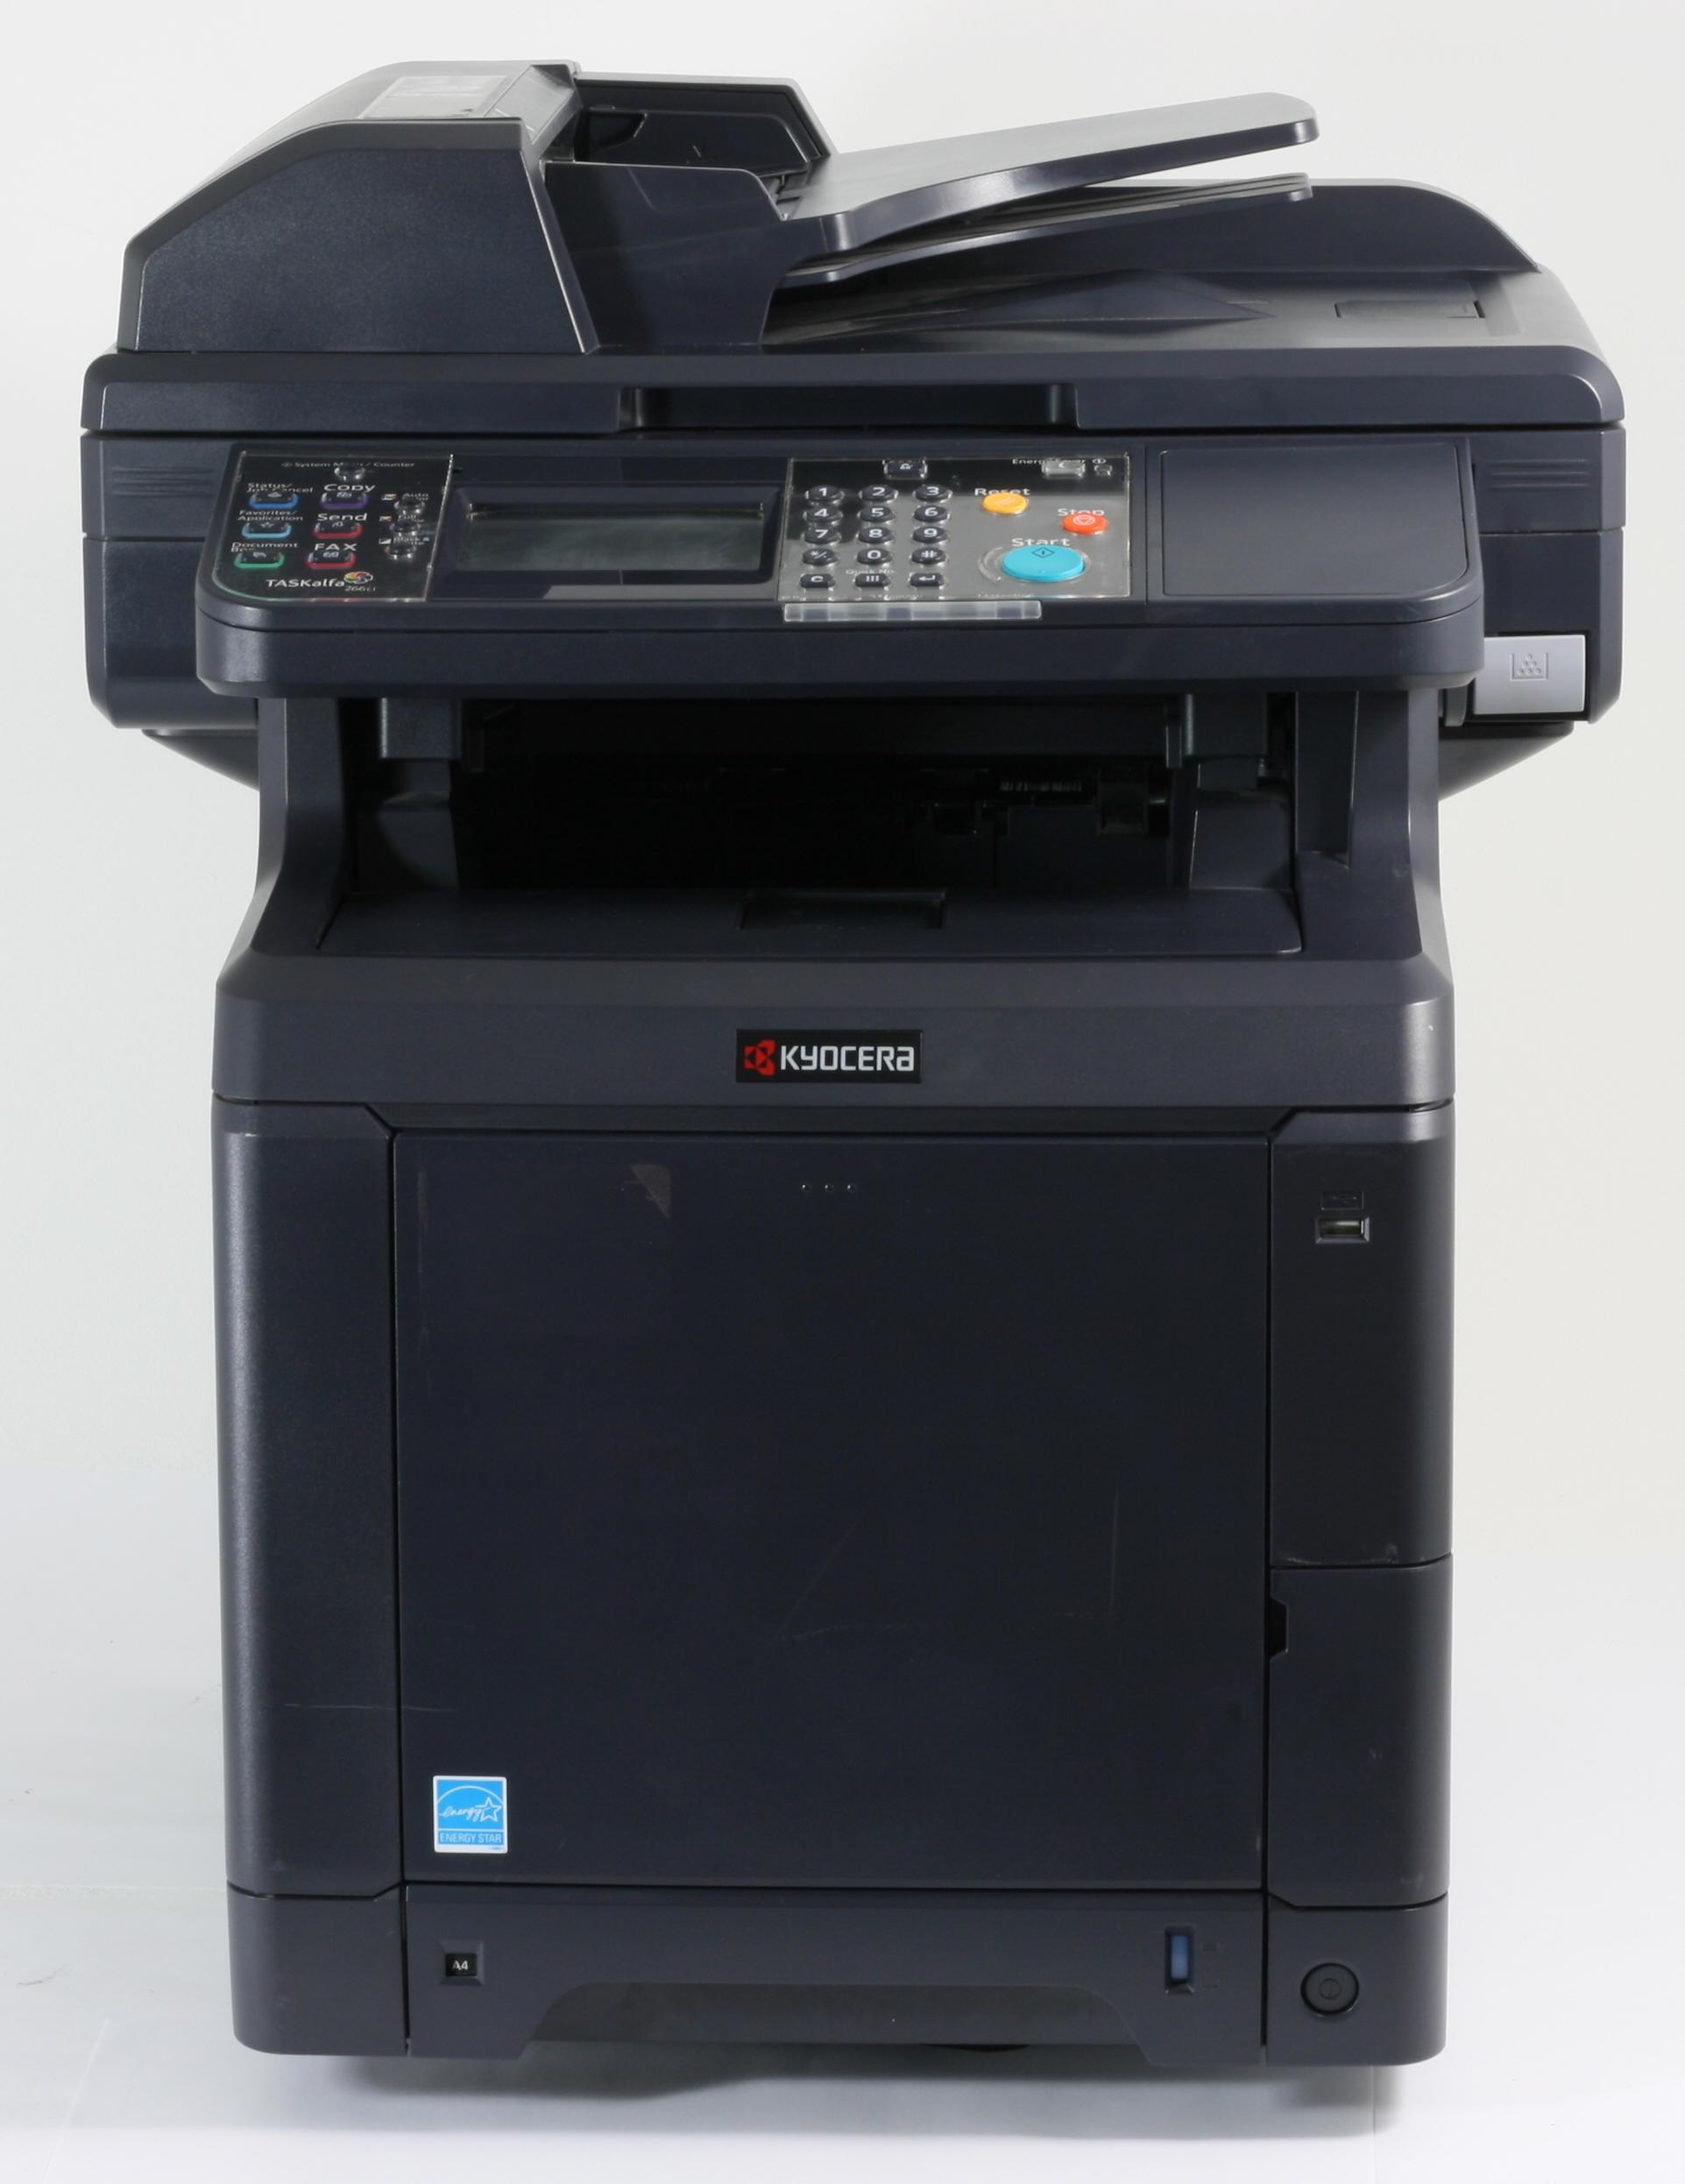 Kyocera Taskalfa 266ci MFP Drucker Laserdrucker Kopierer Scanner Fax Color gebraucht /  unter 75.000 Seiten gedruckt